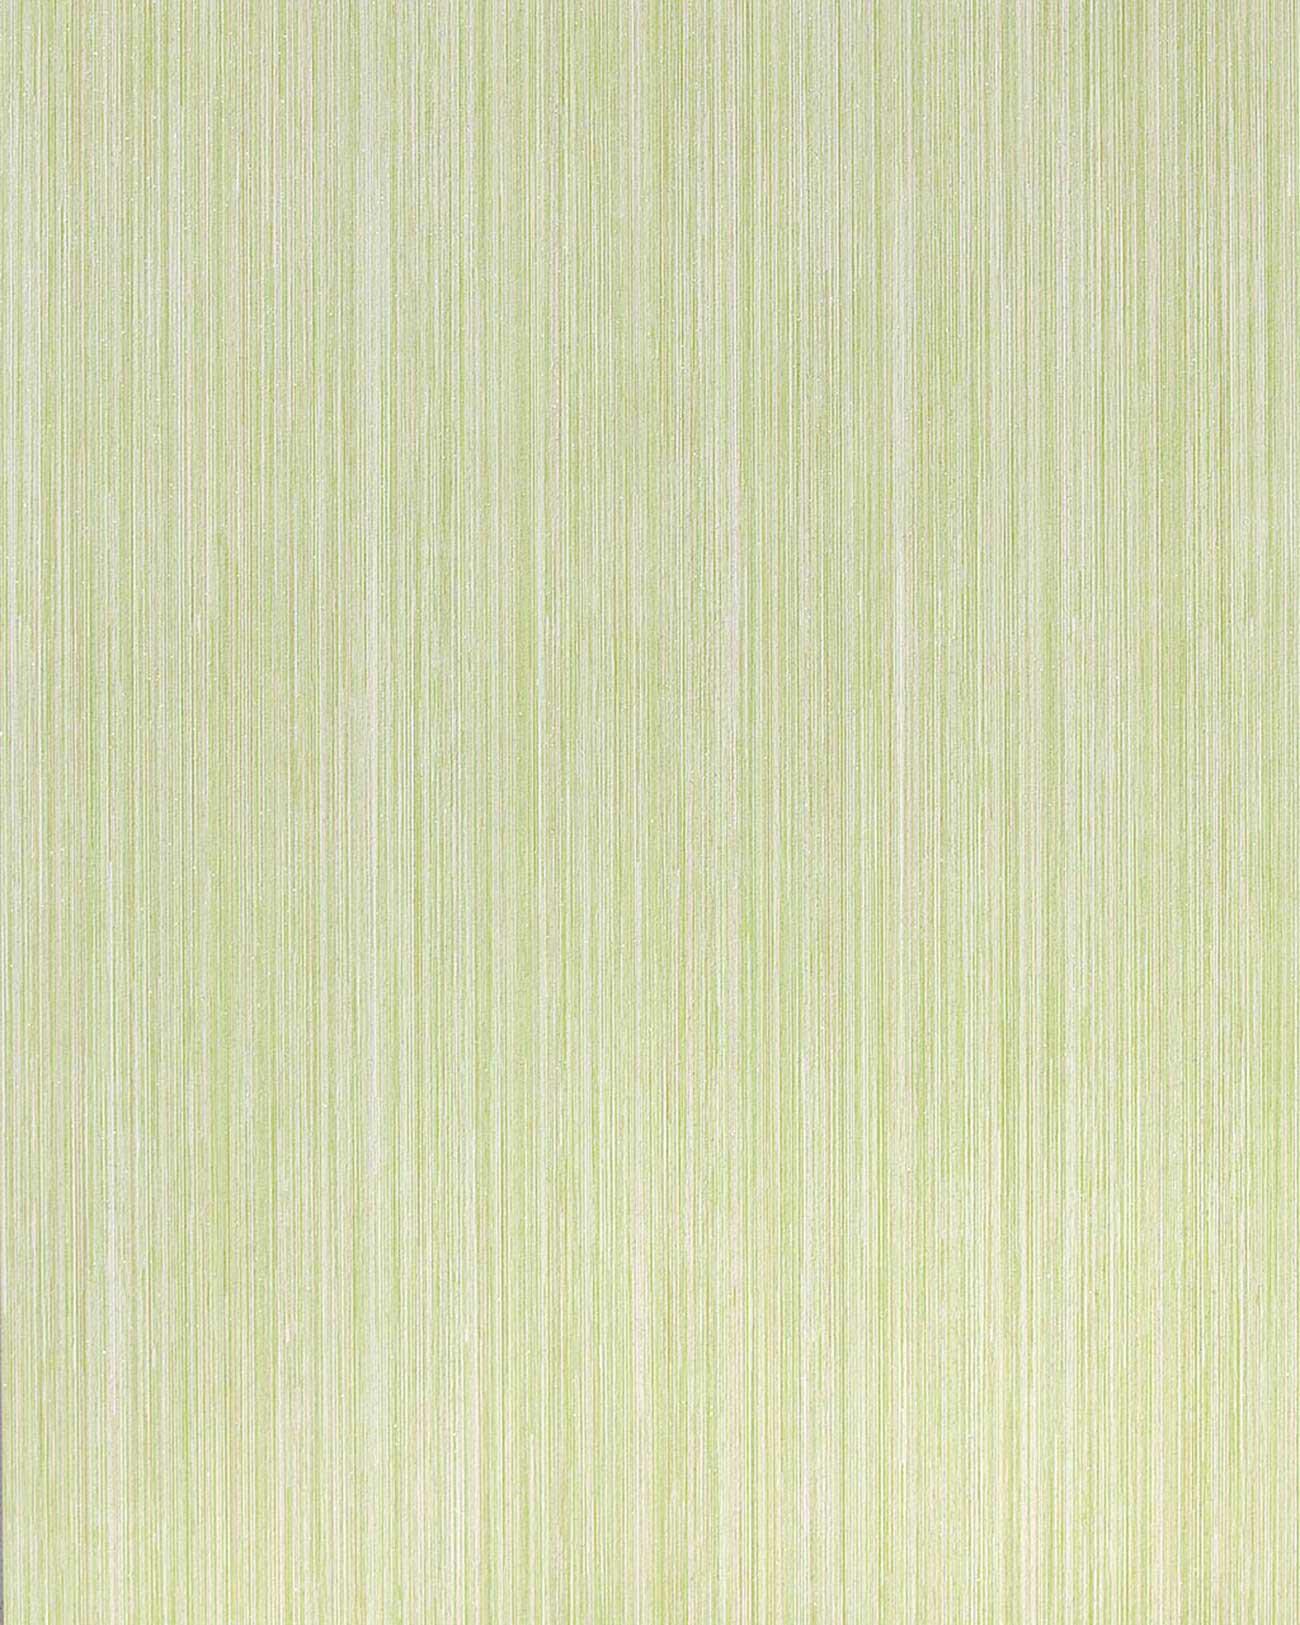 Tapeten Gestreift Pastell : Gestreifte Struktur Creme Wei? Pastell Grün Safran Gelb Orange 5